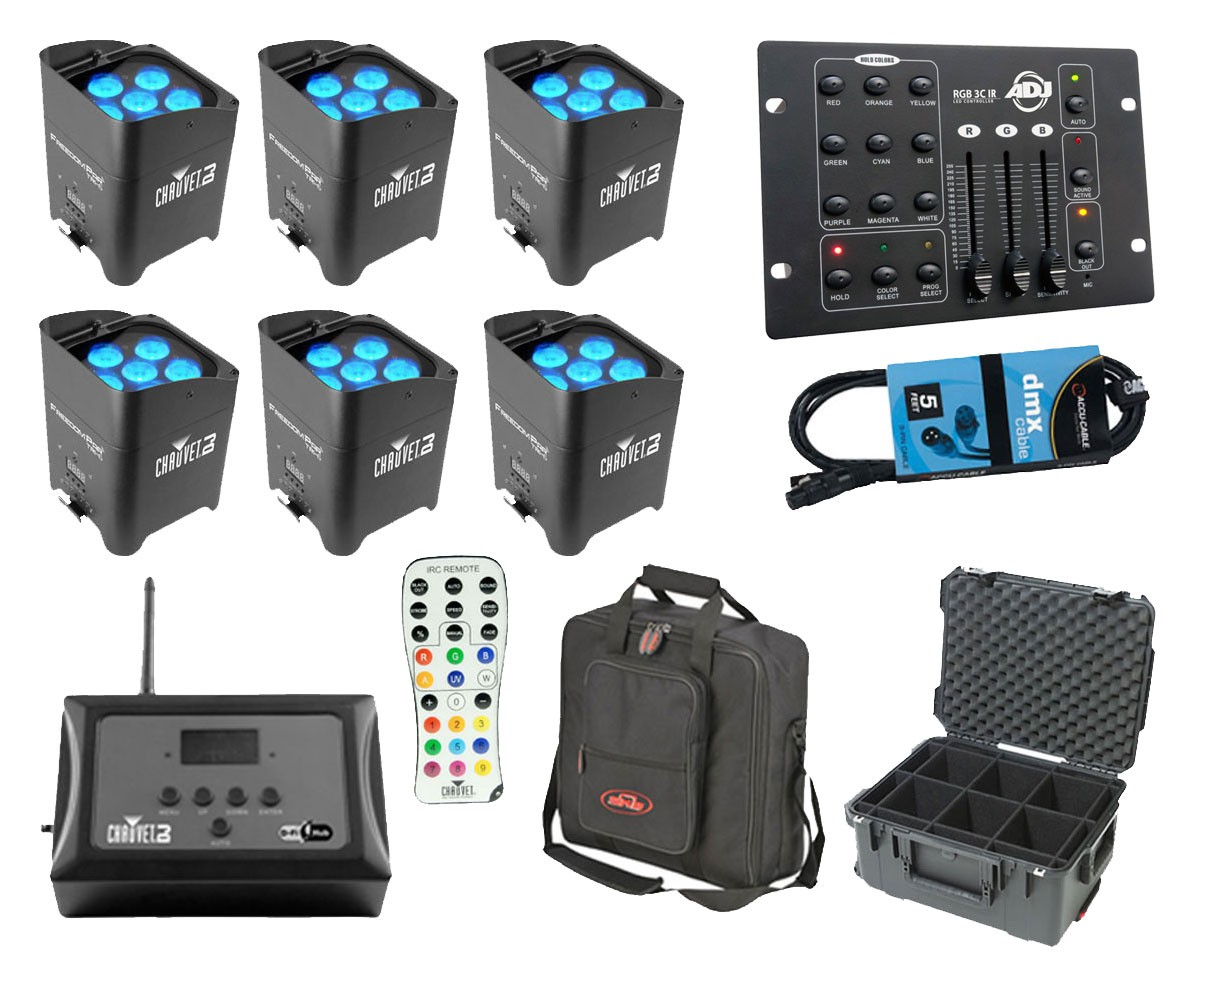 6x CHAUVET DJ Freedom Par Tri-6 + D-Fi Hub + Controller + Case + Bag + Cable